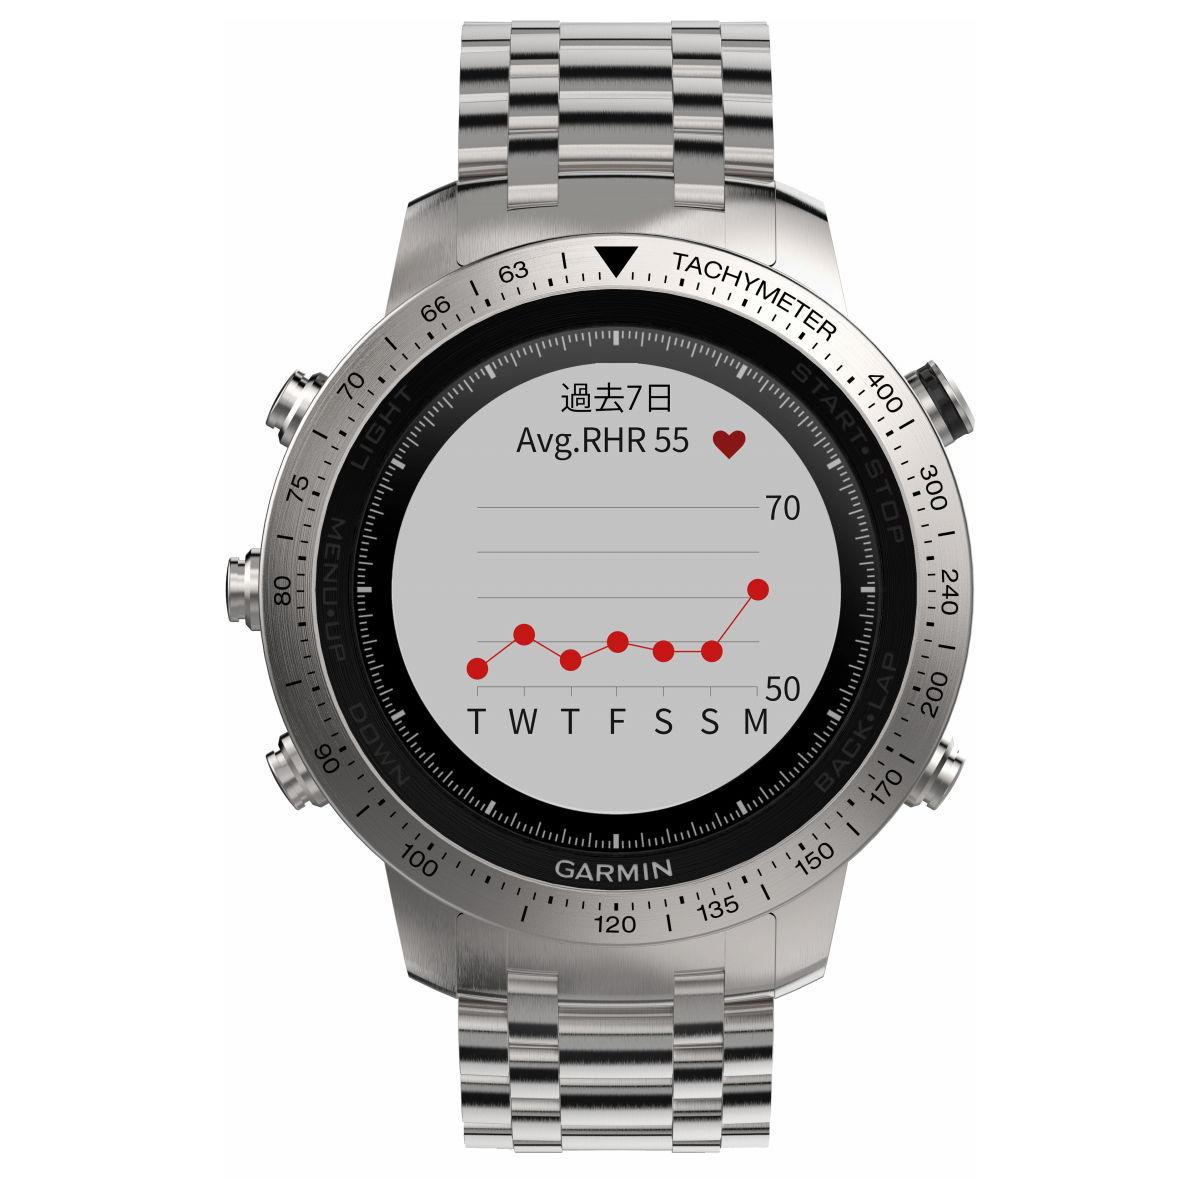 ガーミンGARMINフェニックスJfenixjChronosClassicスマートウォッチウェアラブル端末腕時計メンズレディース010-01957-61【2017新作】【対応】【即納可】